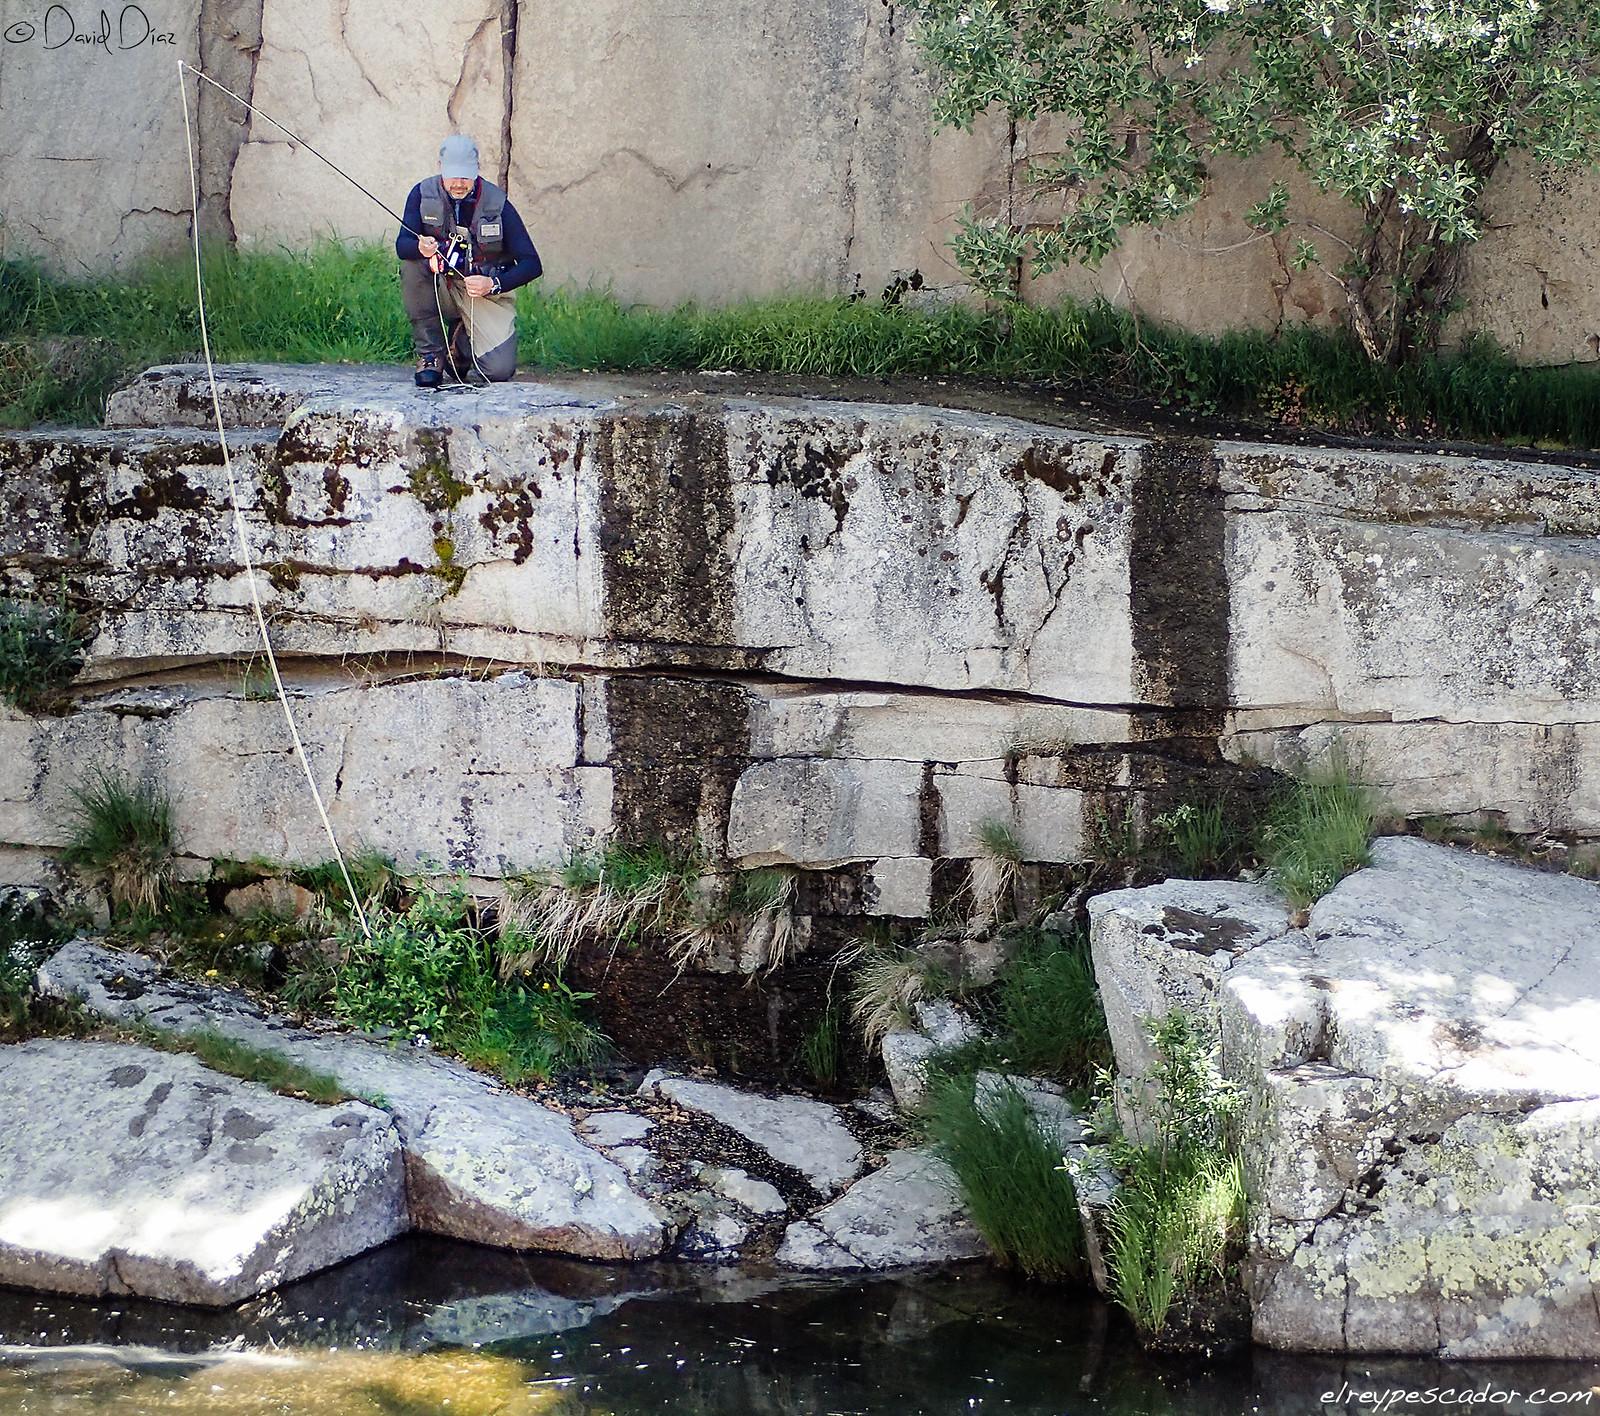 Pescando en el río - Coto de Barbellido (Avila) / Flyfishing